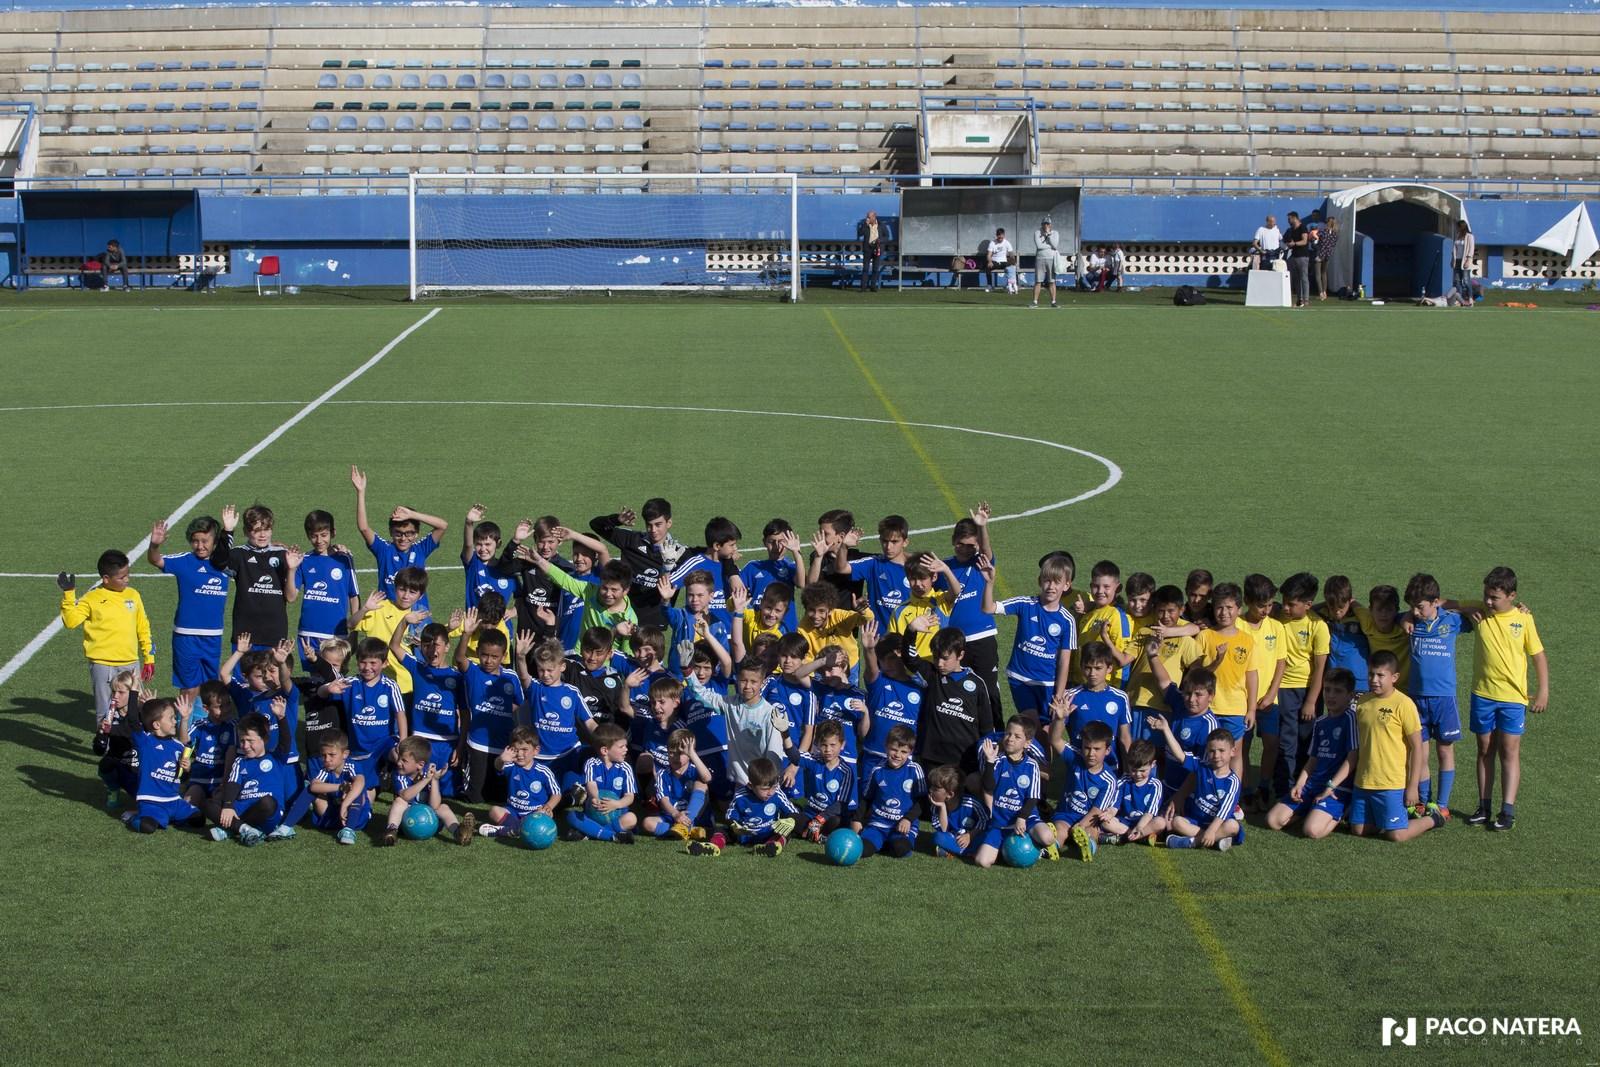 Jóvenes futbolistas posan para la cámara de Fútbol Pitiuso en Can Misses.